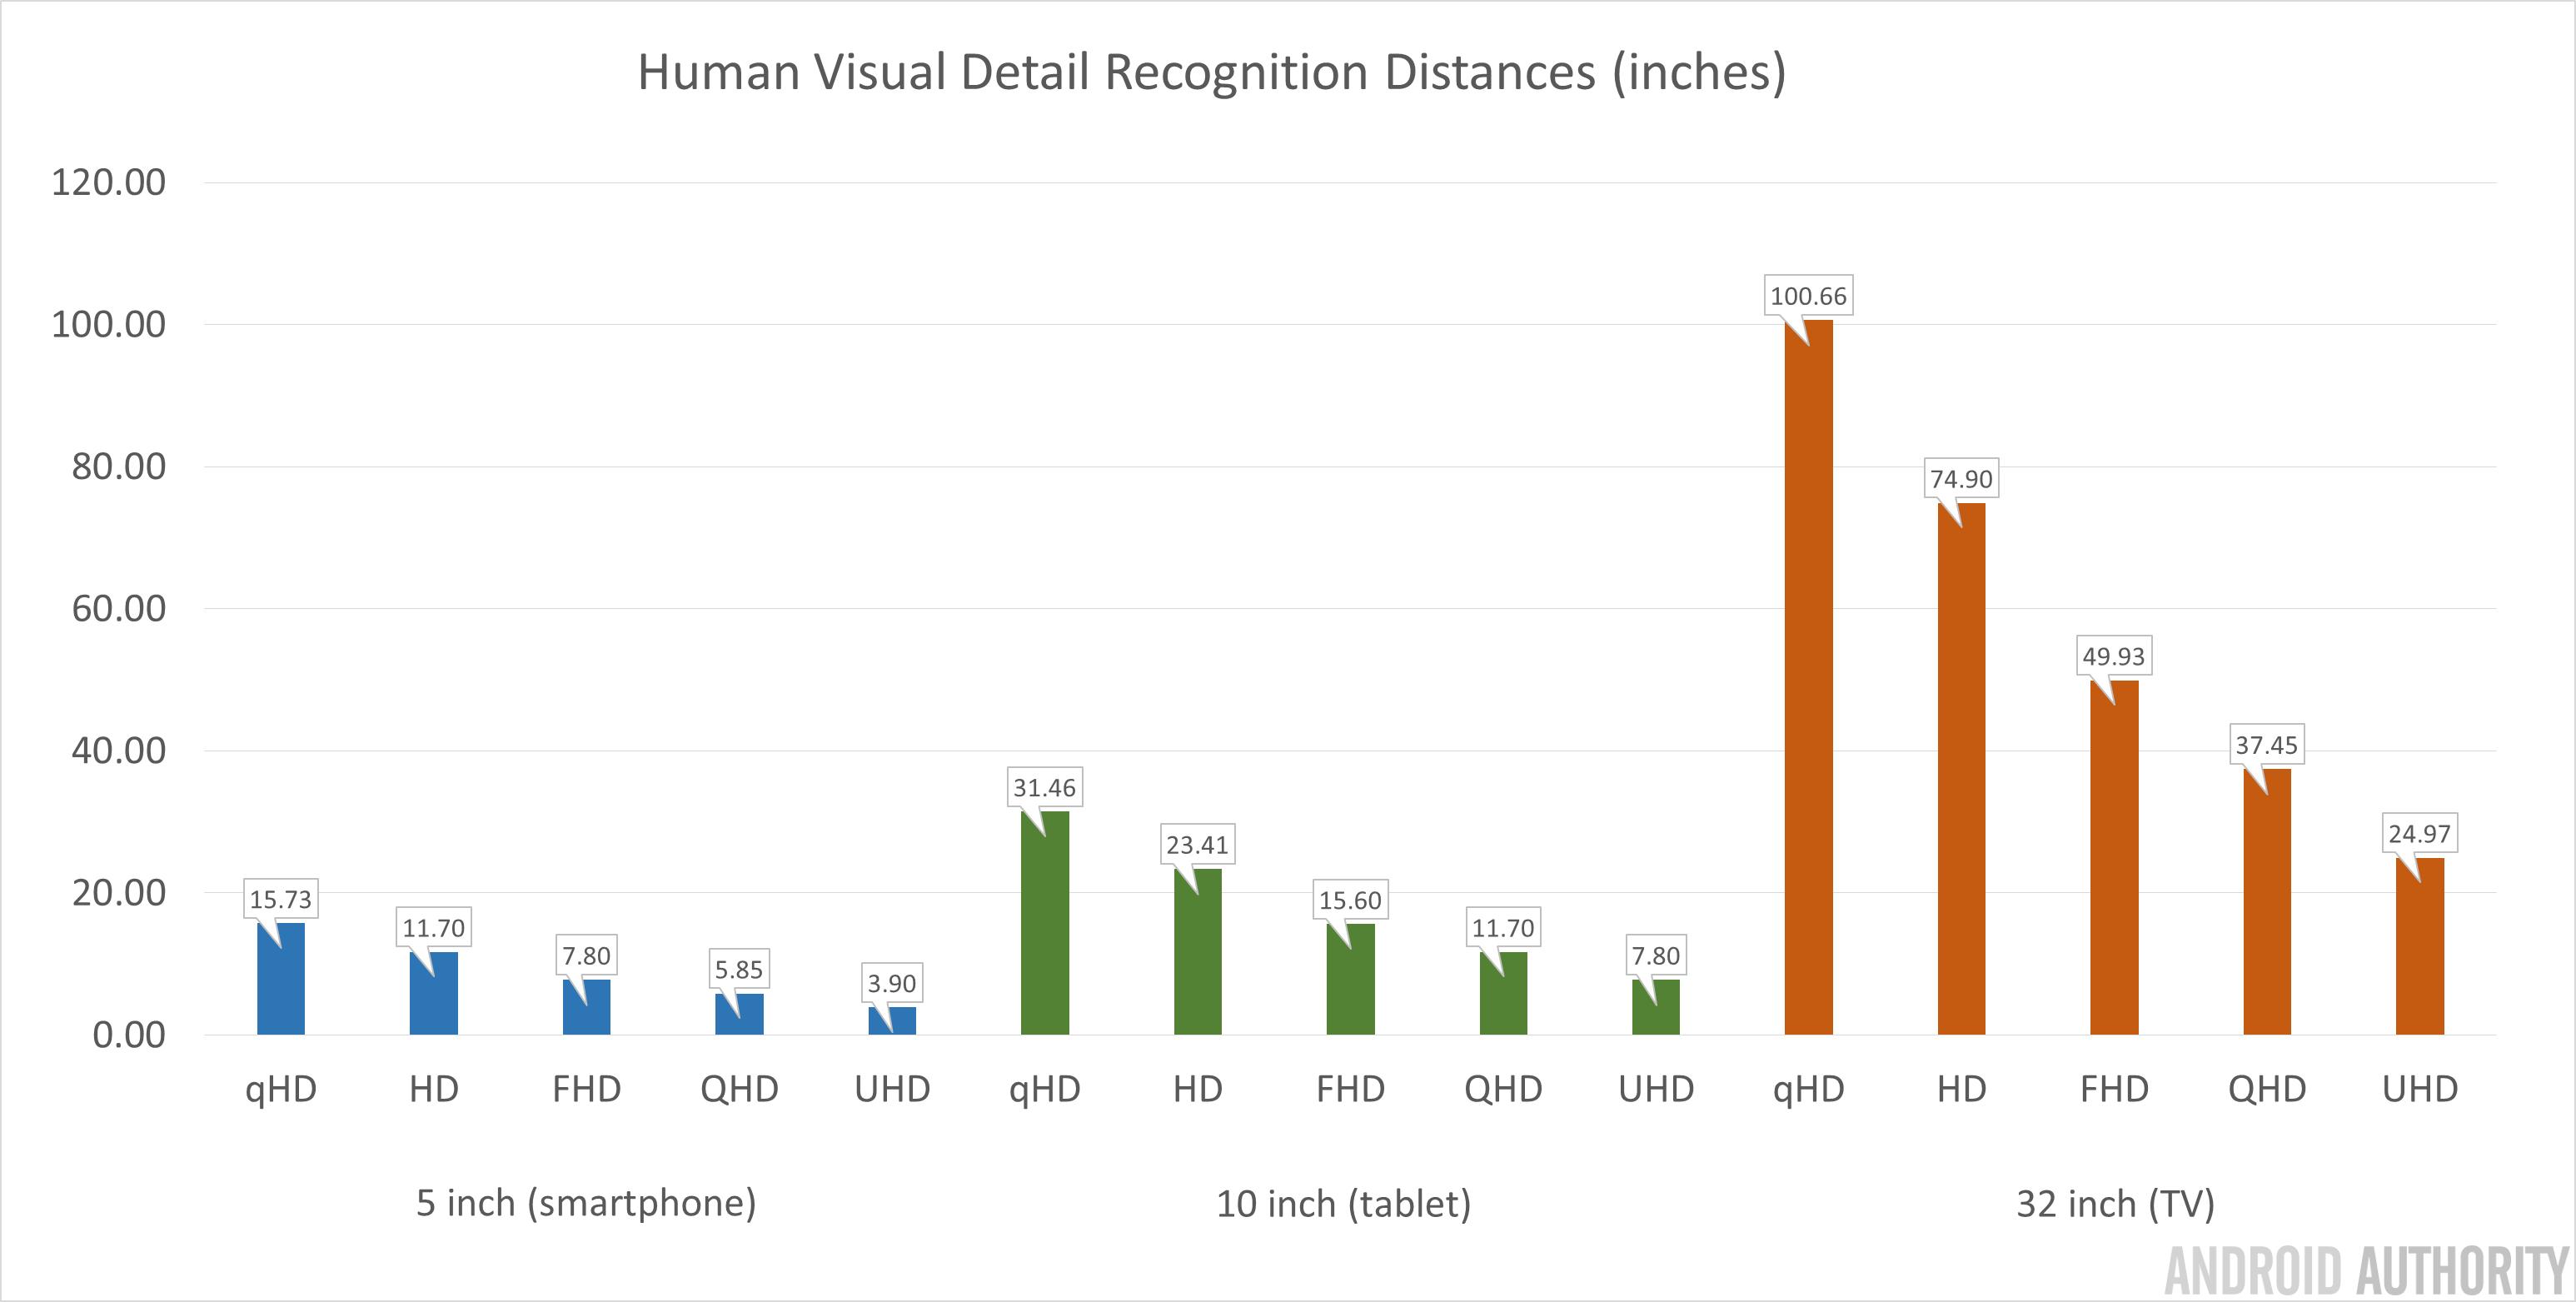 Human Visual Detail Recognition Distances